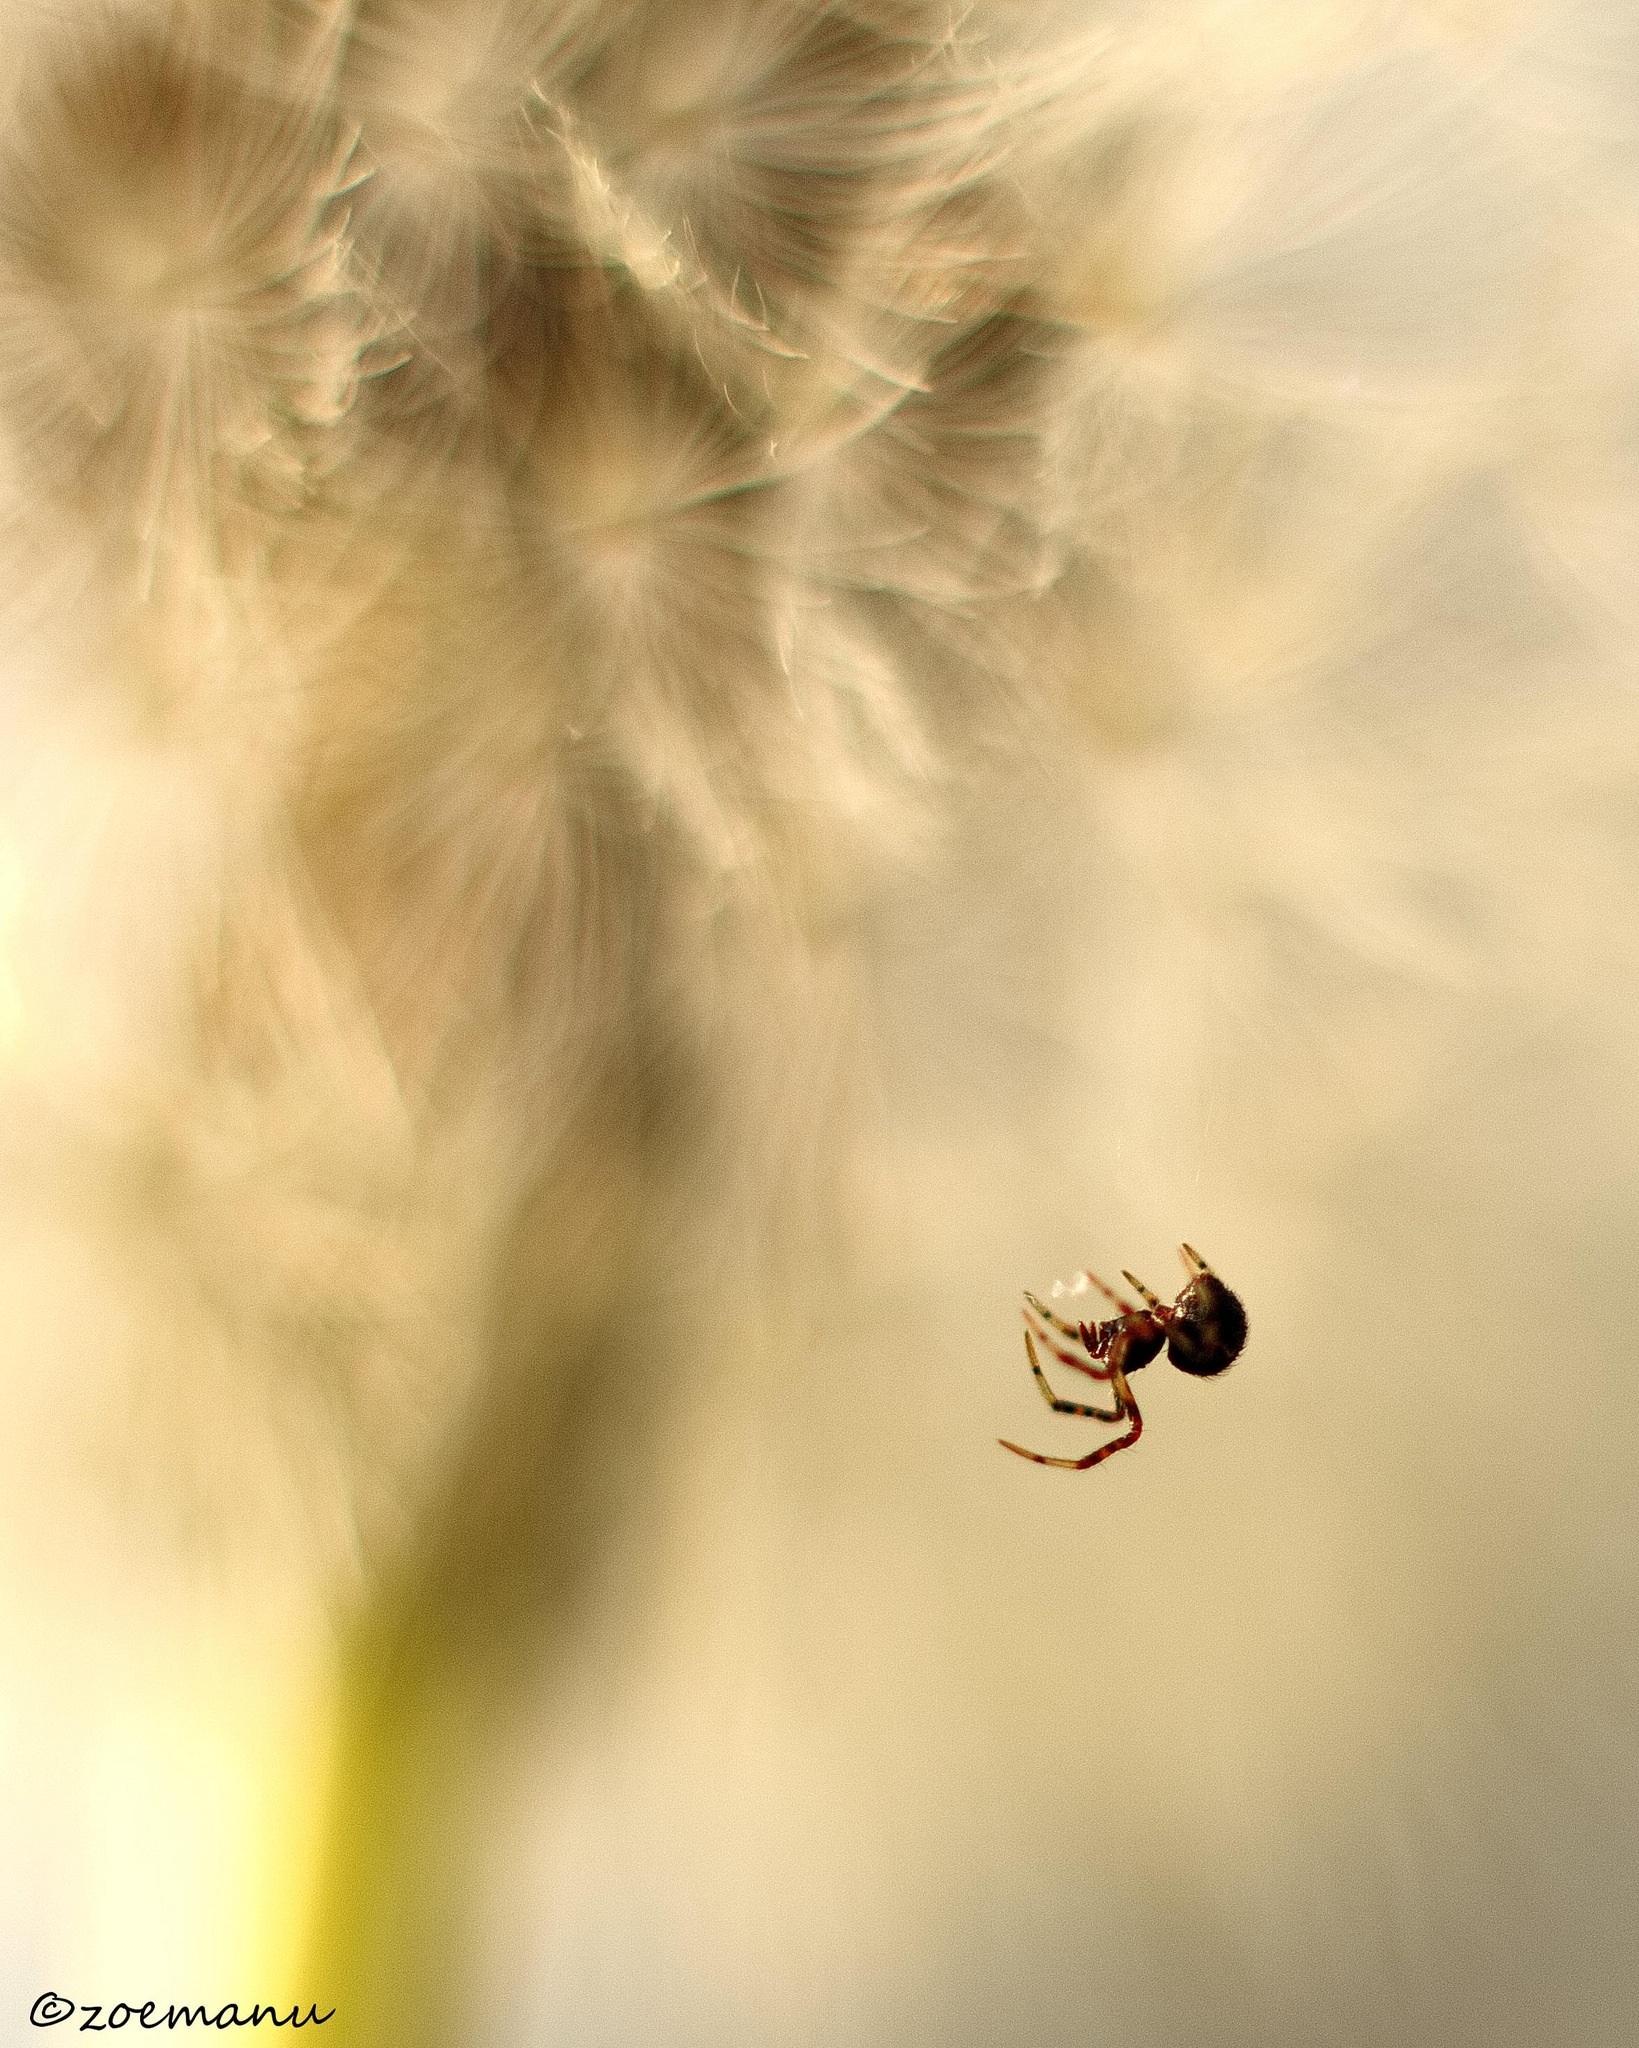 Spider on head...